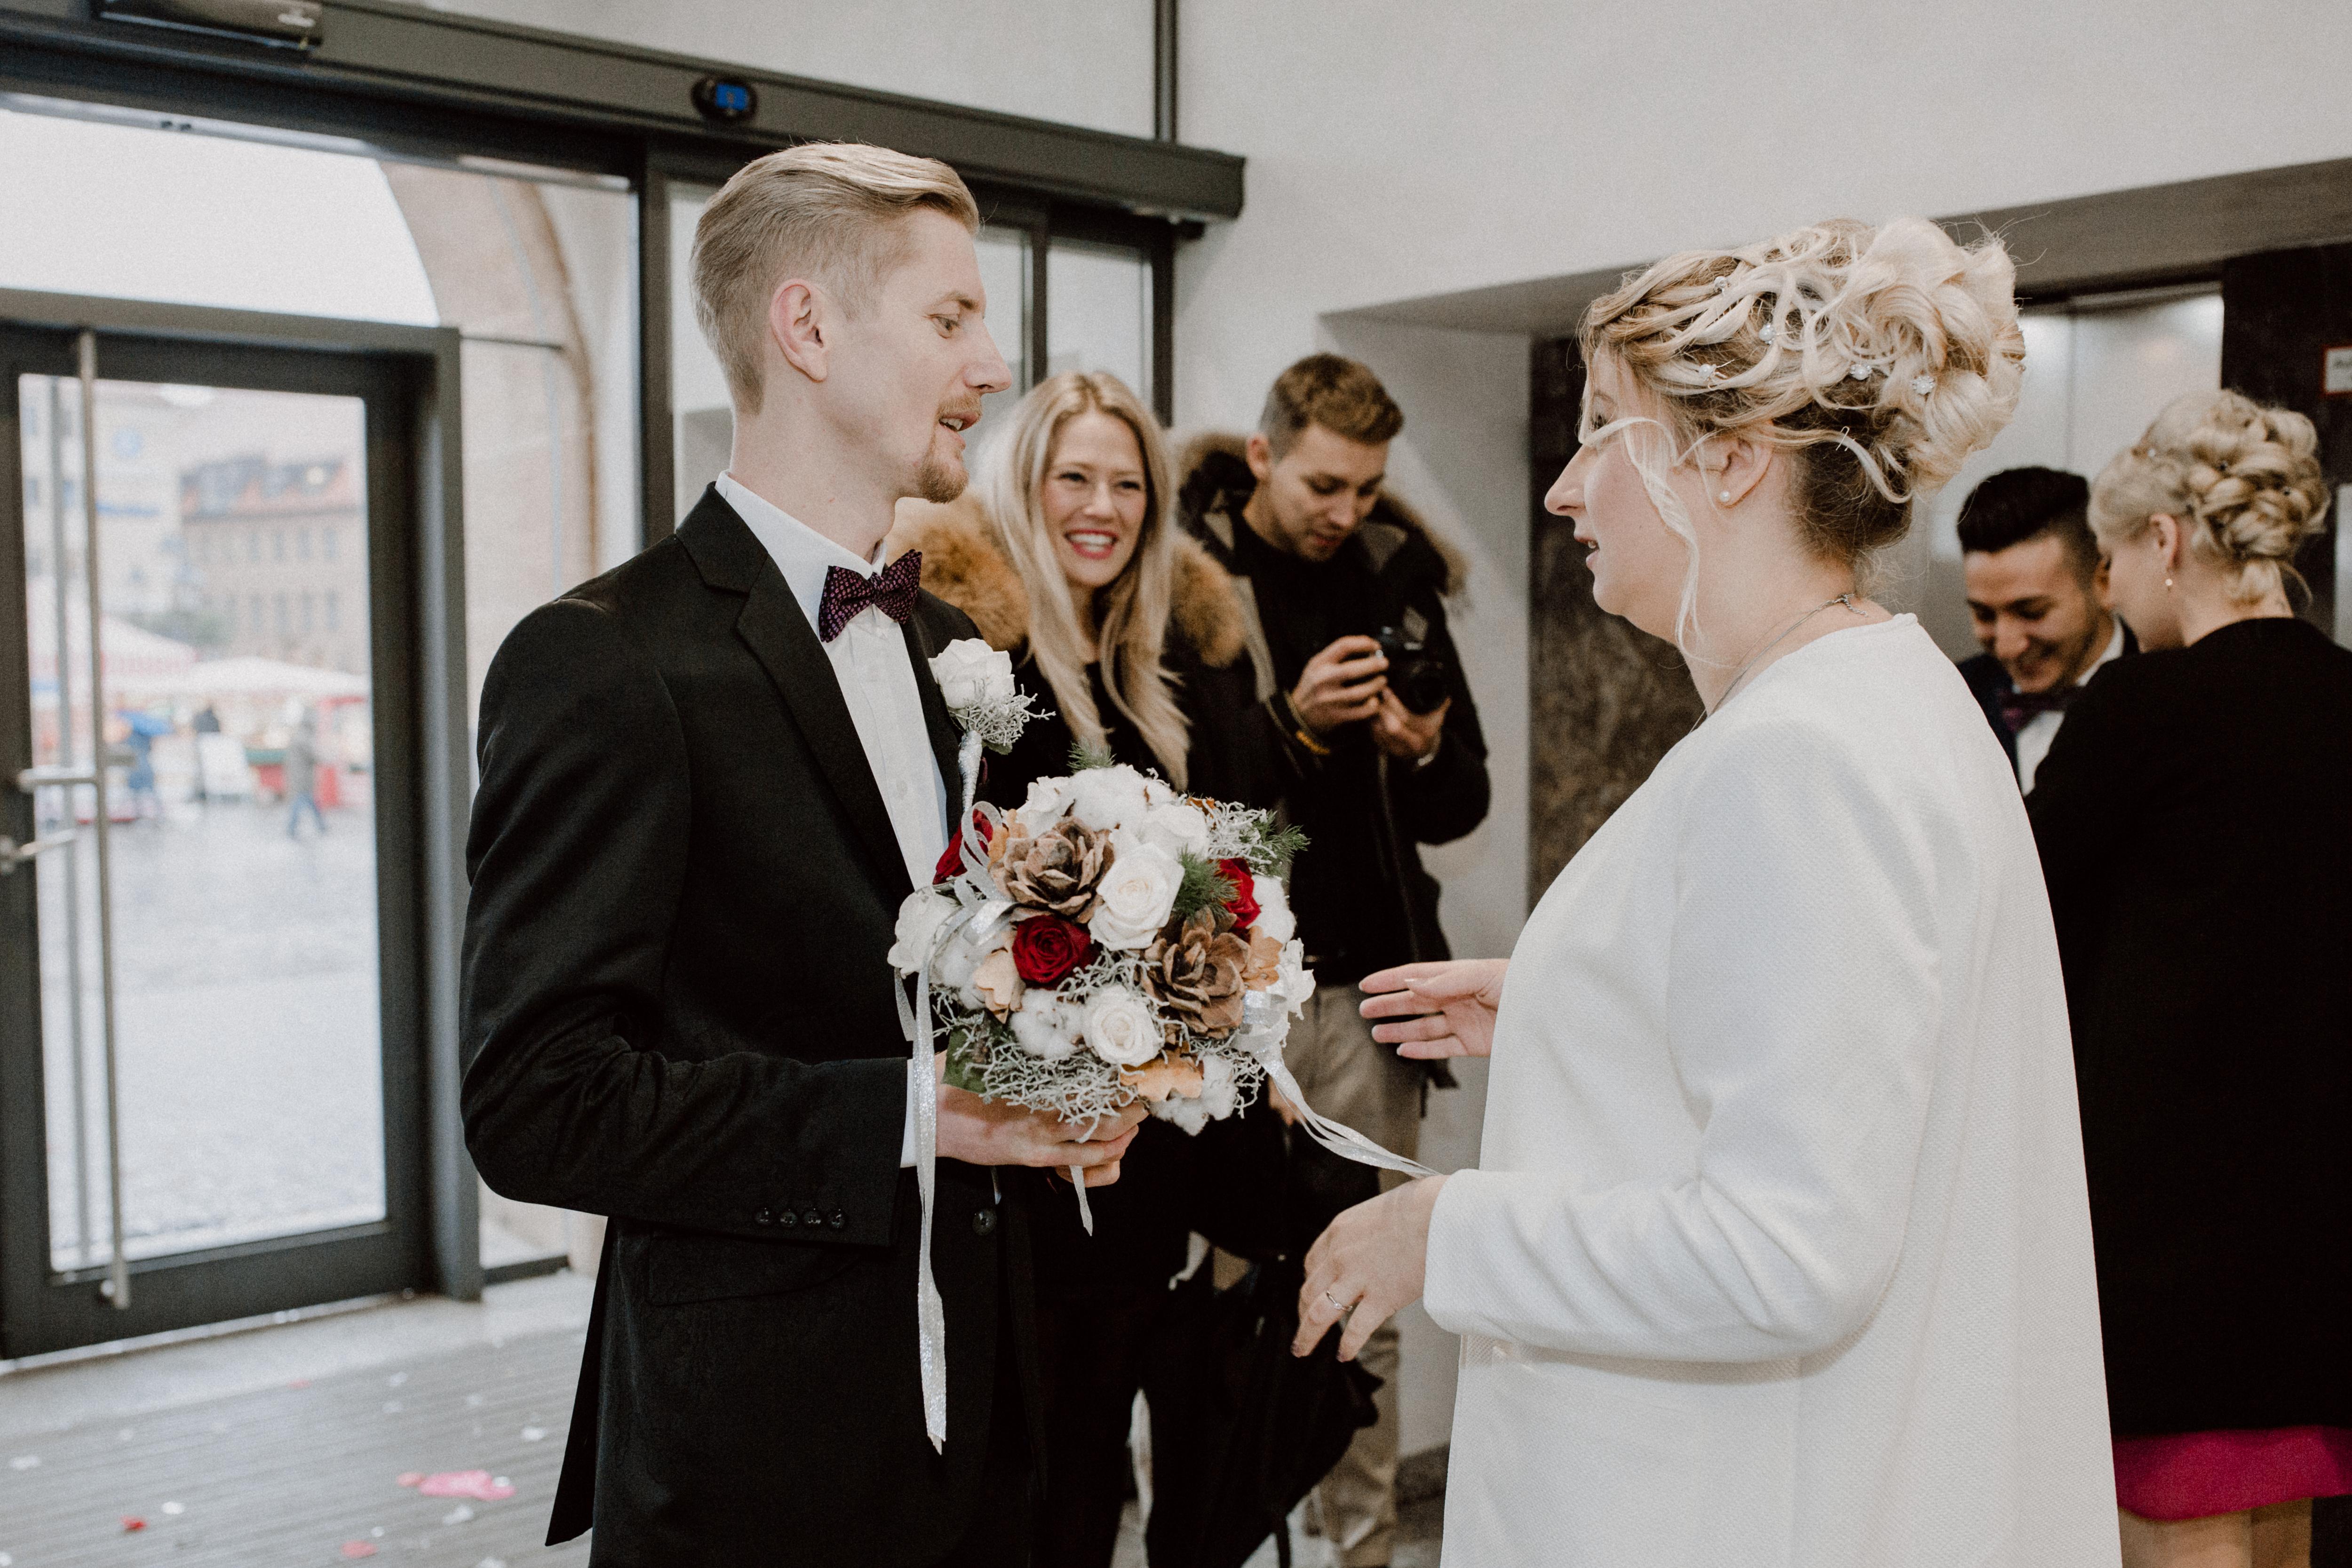 URBANERIE_Daniela_Goth_Hochzeitsfotografin_Nürnberg_Fürth_Erlangen_Schwabach_171110_0039